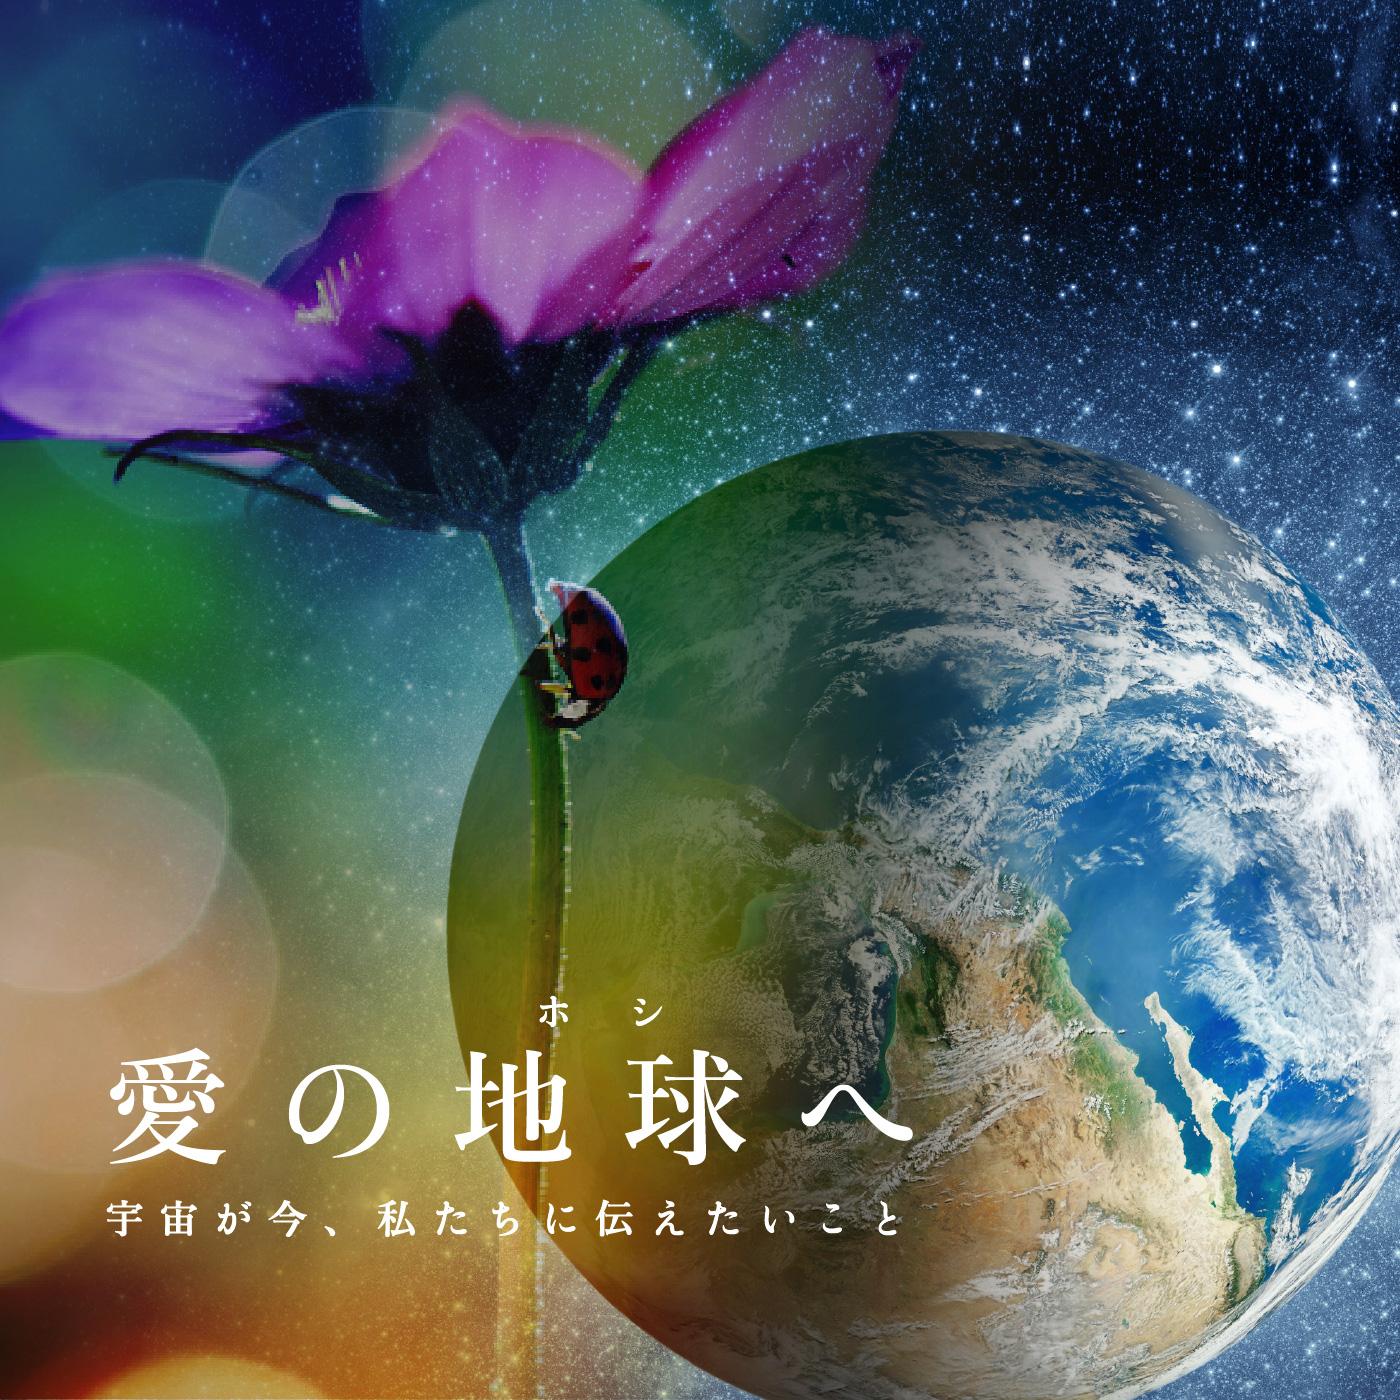 【期間限定】映画「愛の地球(ホシ)へ」オンライン配信&特別未公開配信のご案内